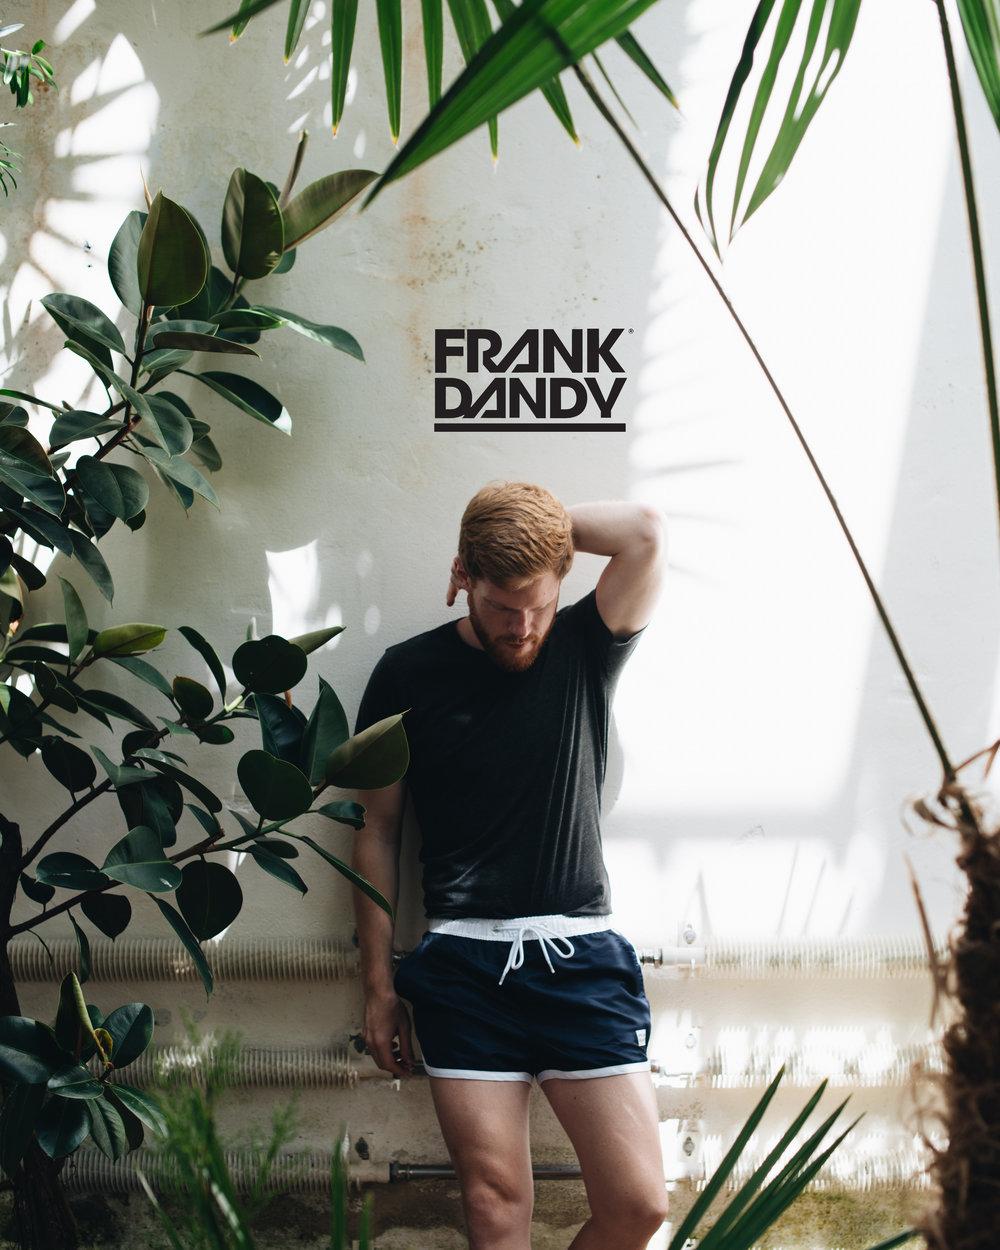 frankdandyOLLE-1.jpg